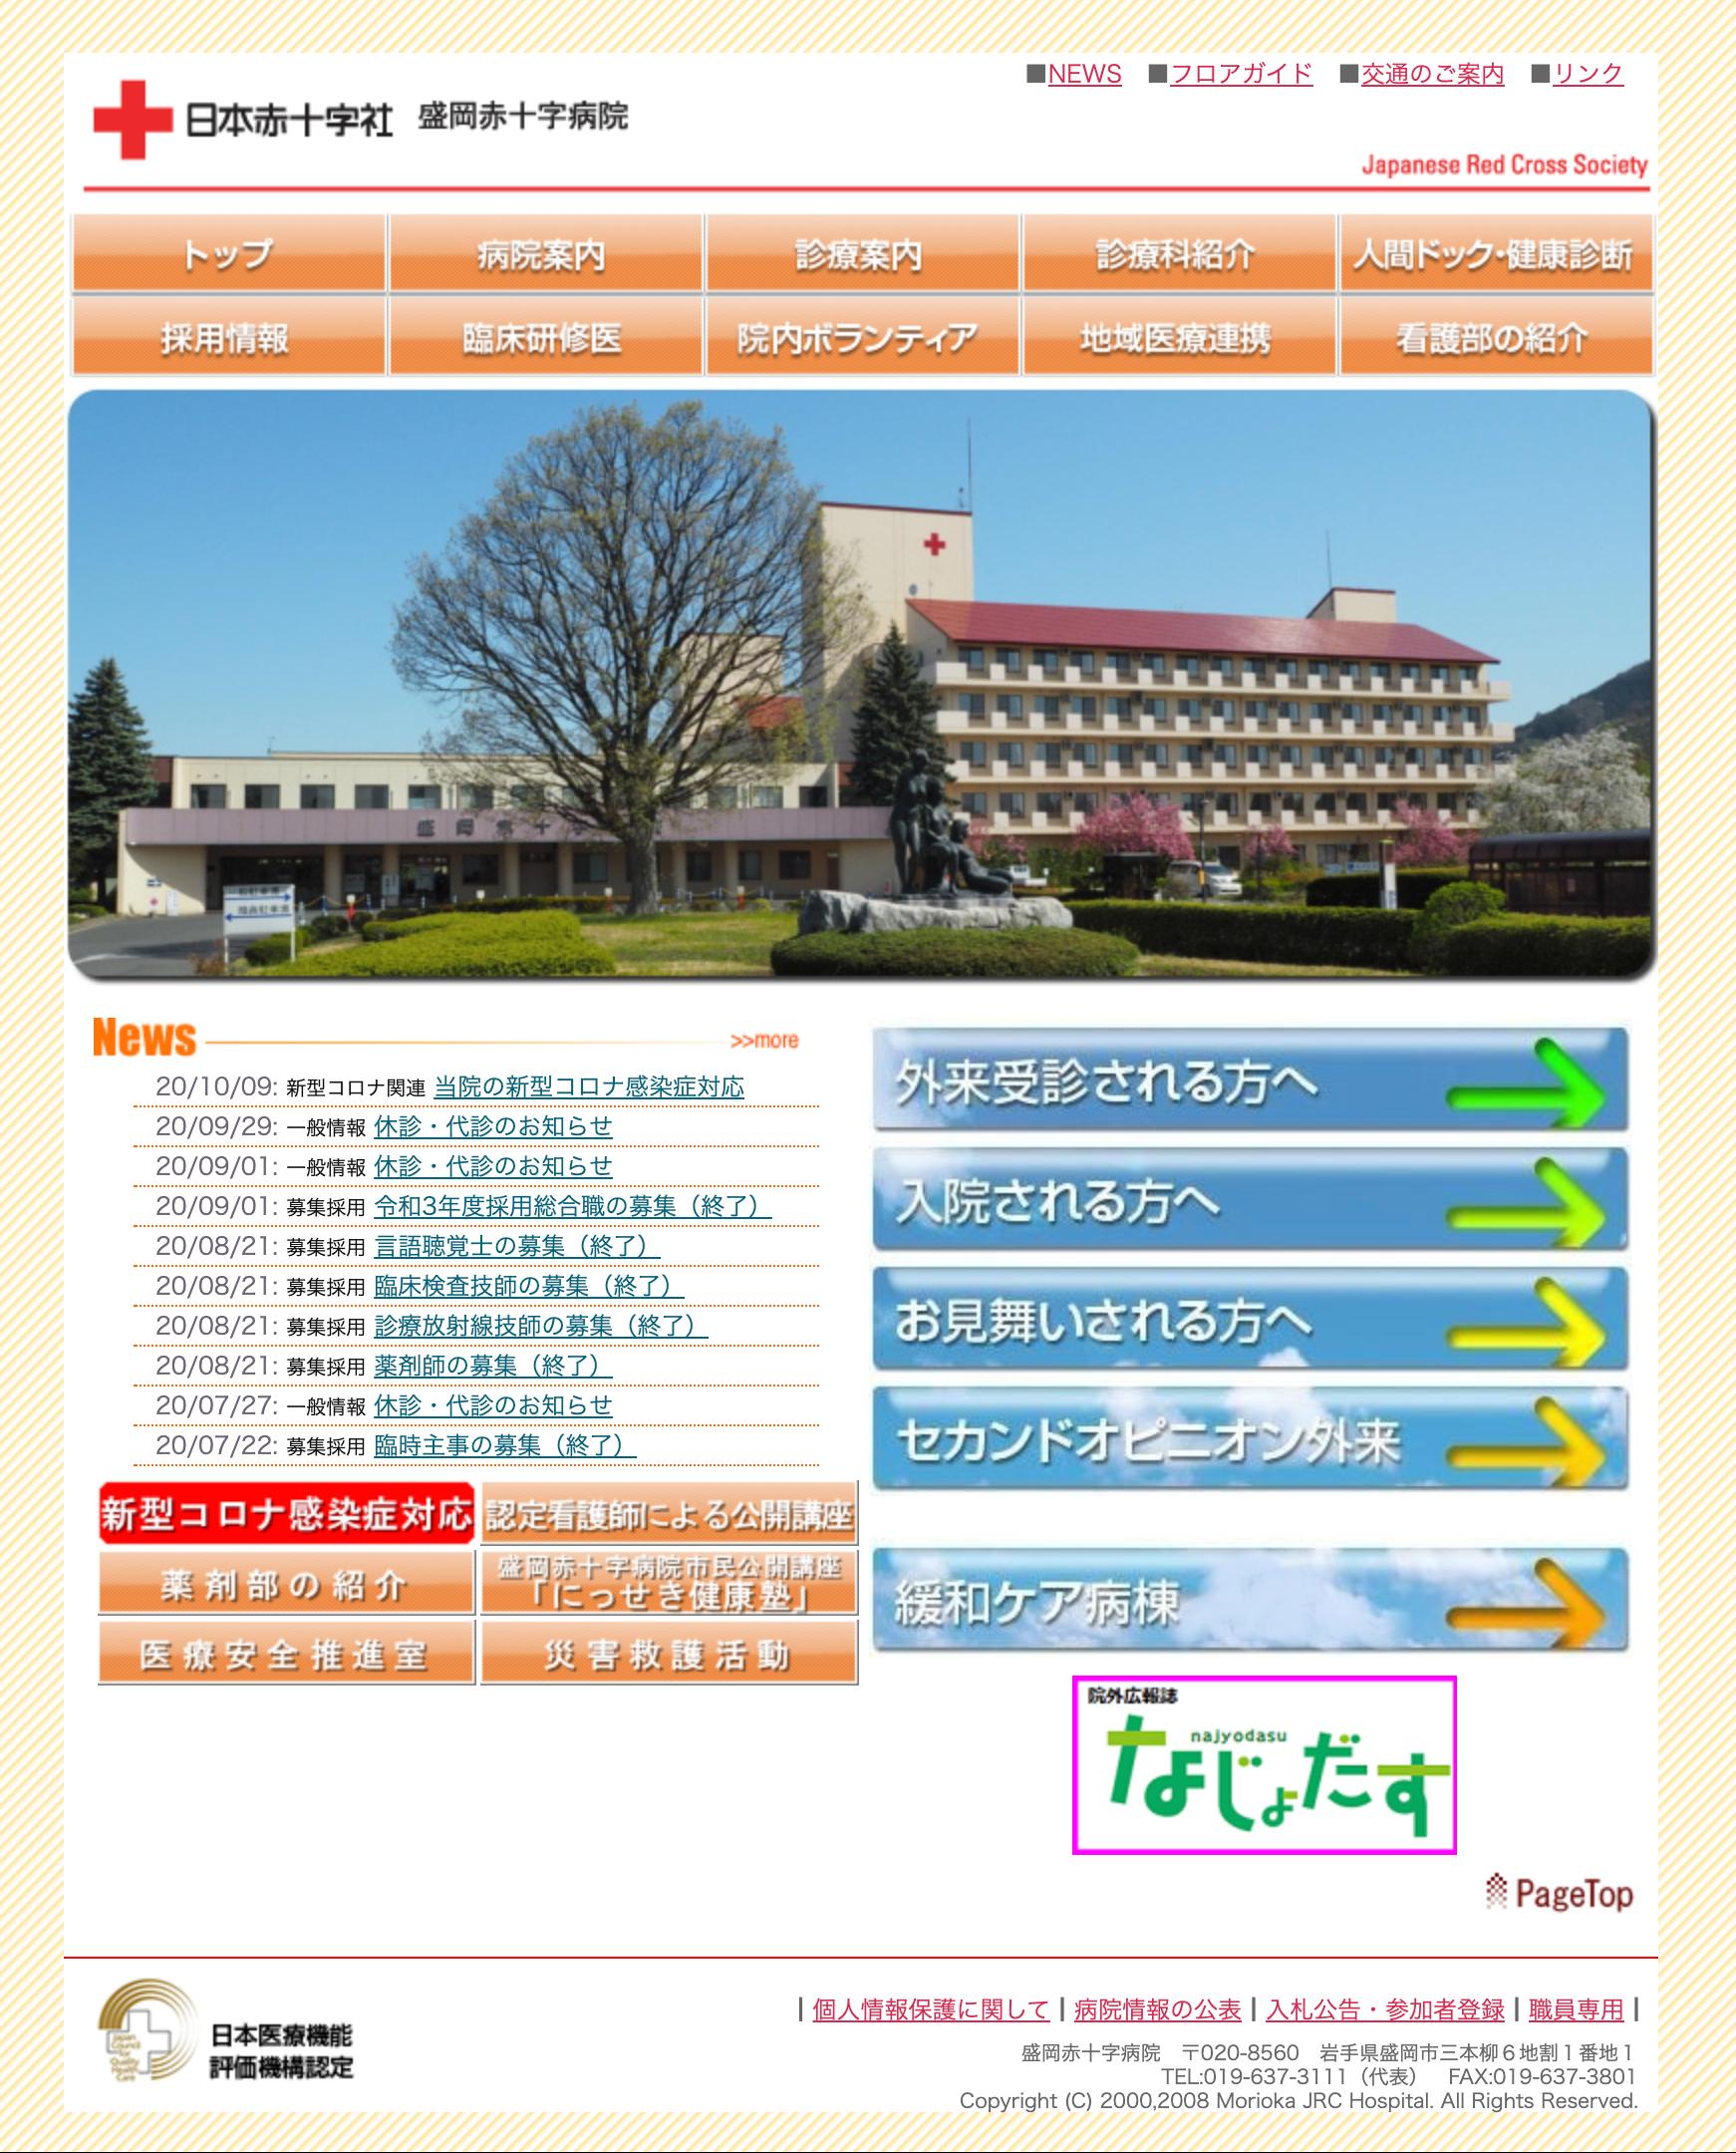 盛岡赤十字病院様の旧ホームページ